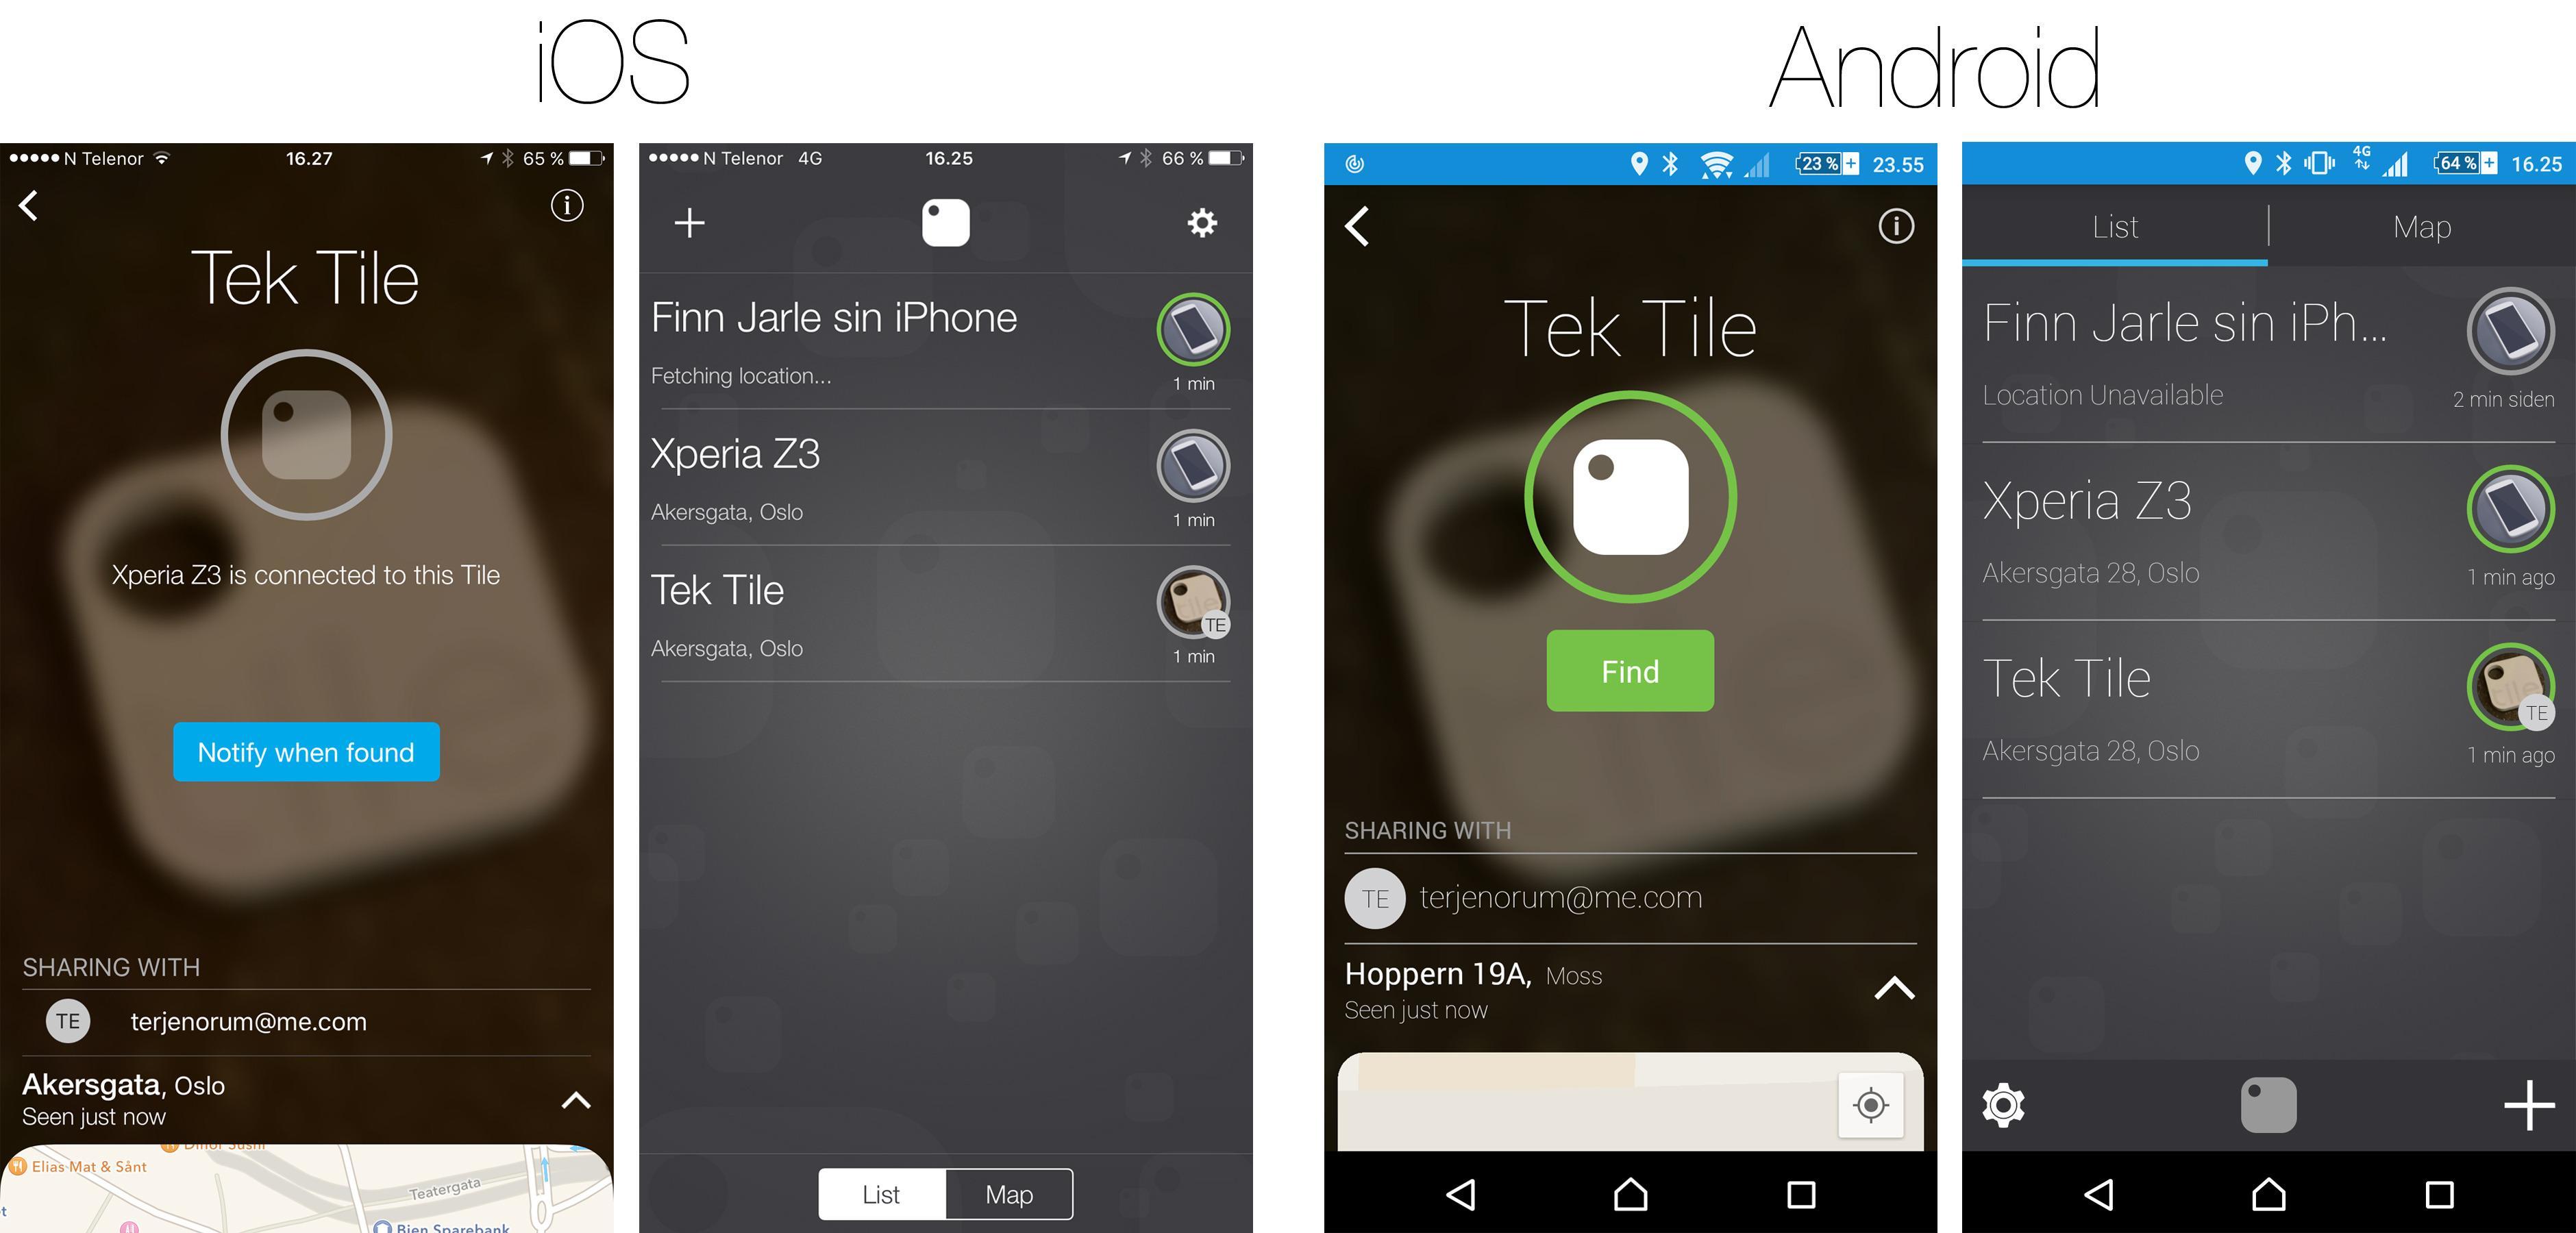 Oversikten over en brikke (til venstre i begge parene) og startsiden i appen (til høyre) er ganske lik i Android og iOS-versjon. I bildet helt til venstre ser du feilmeldingen som kommer hvis en annen telefon bruker brikken med samme konto.